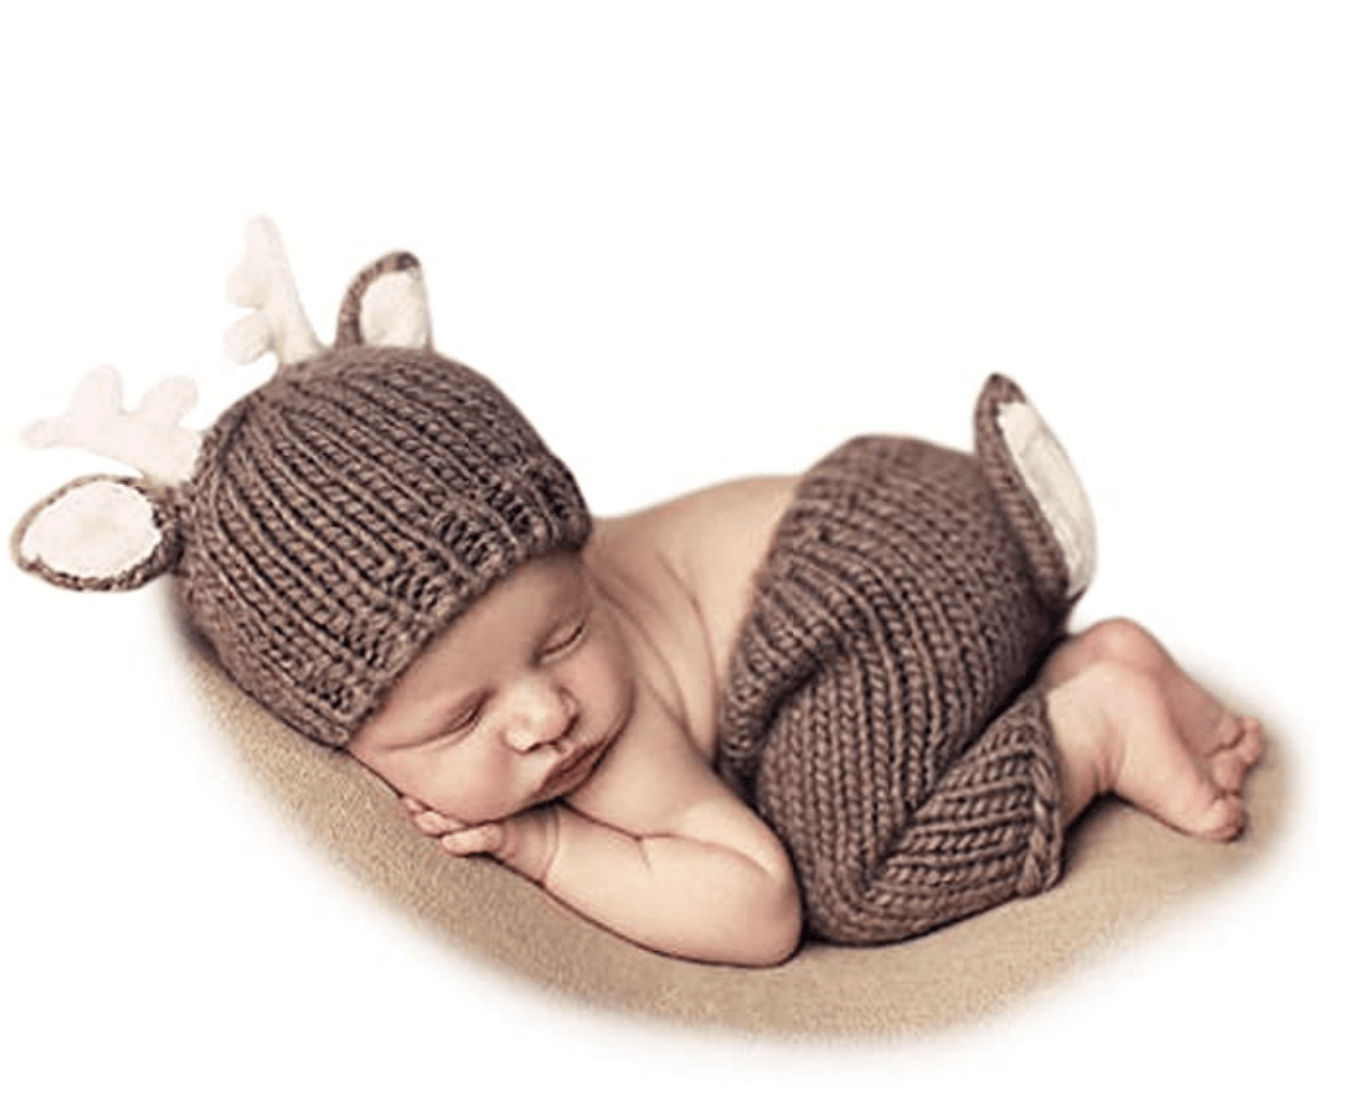 conjunto de recién nacido para sesión de fotos